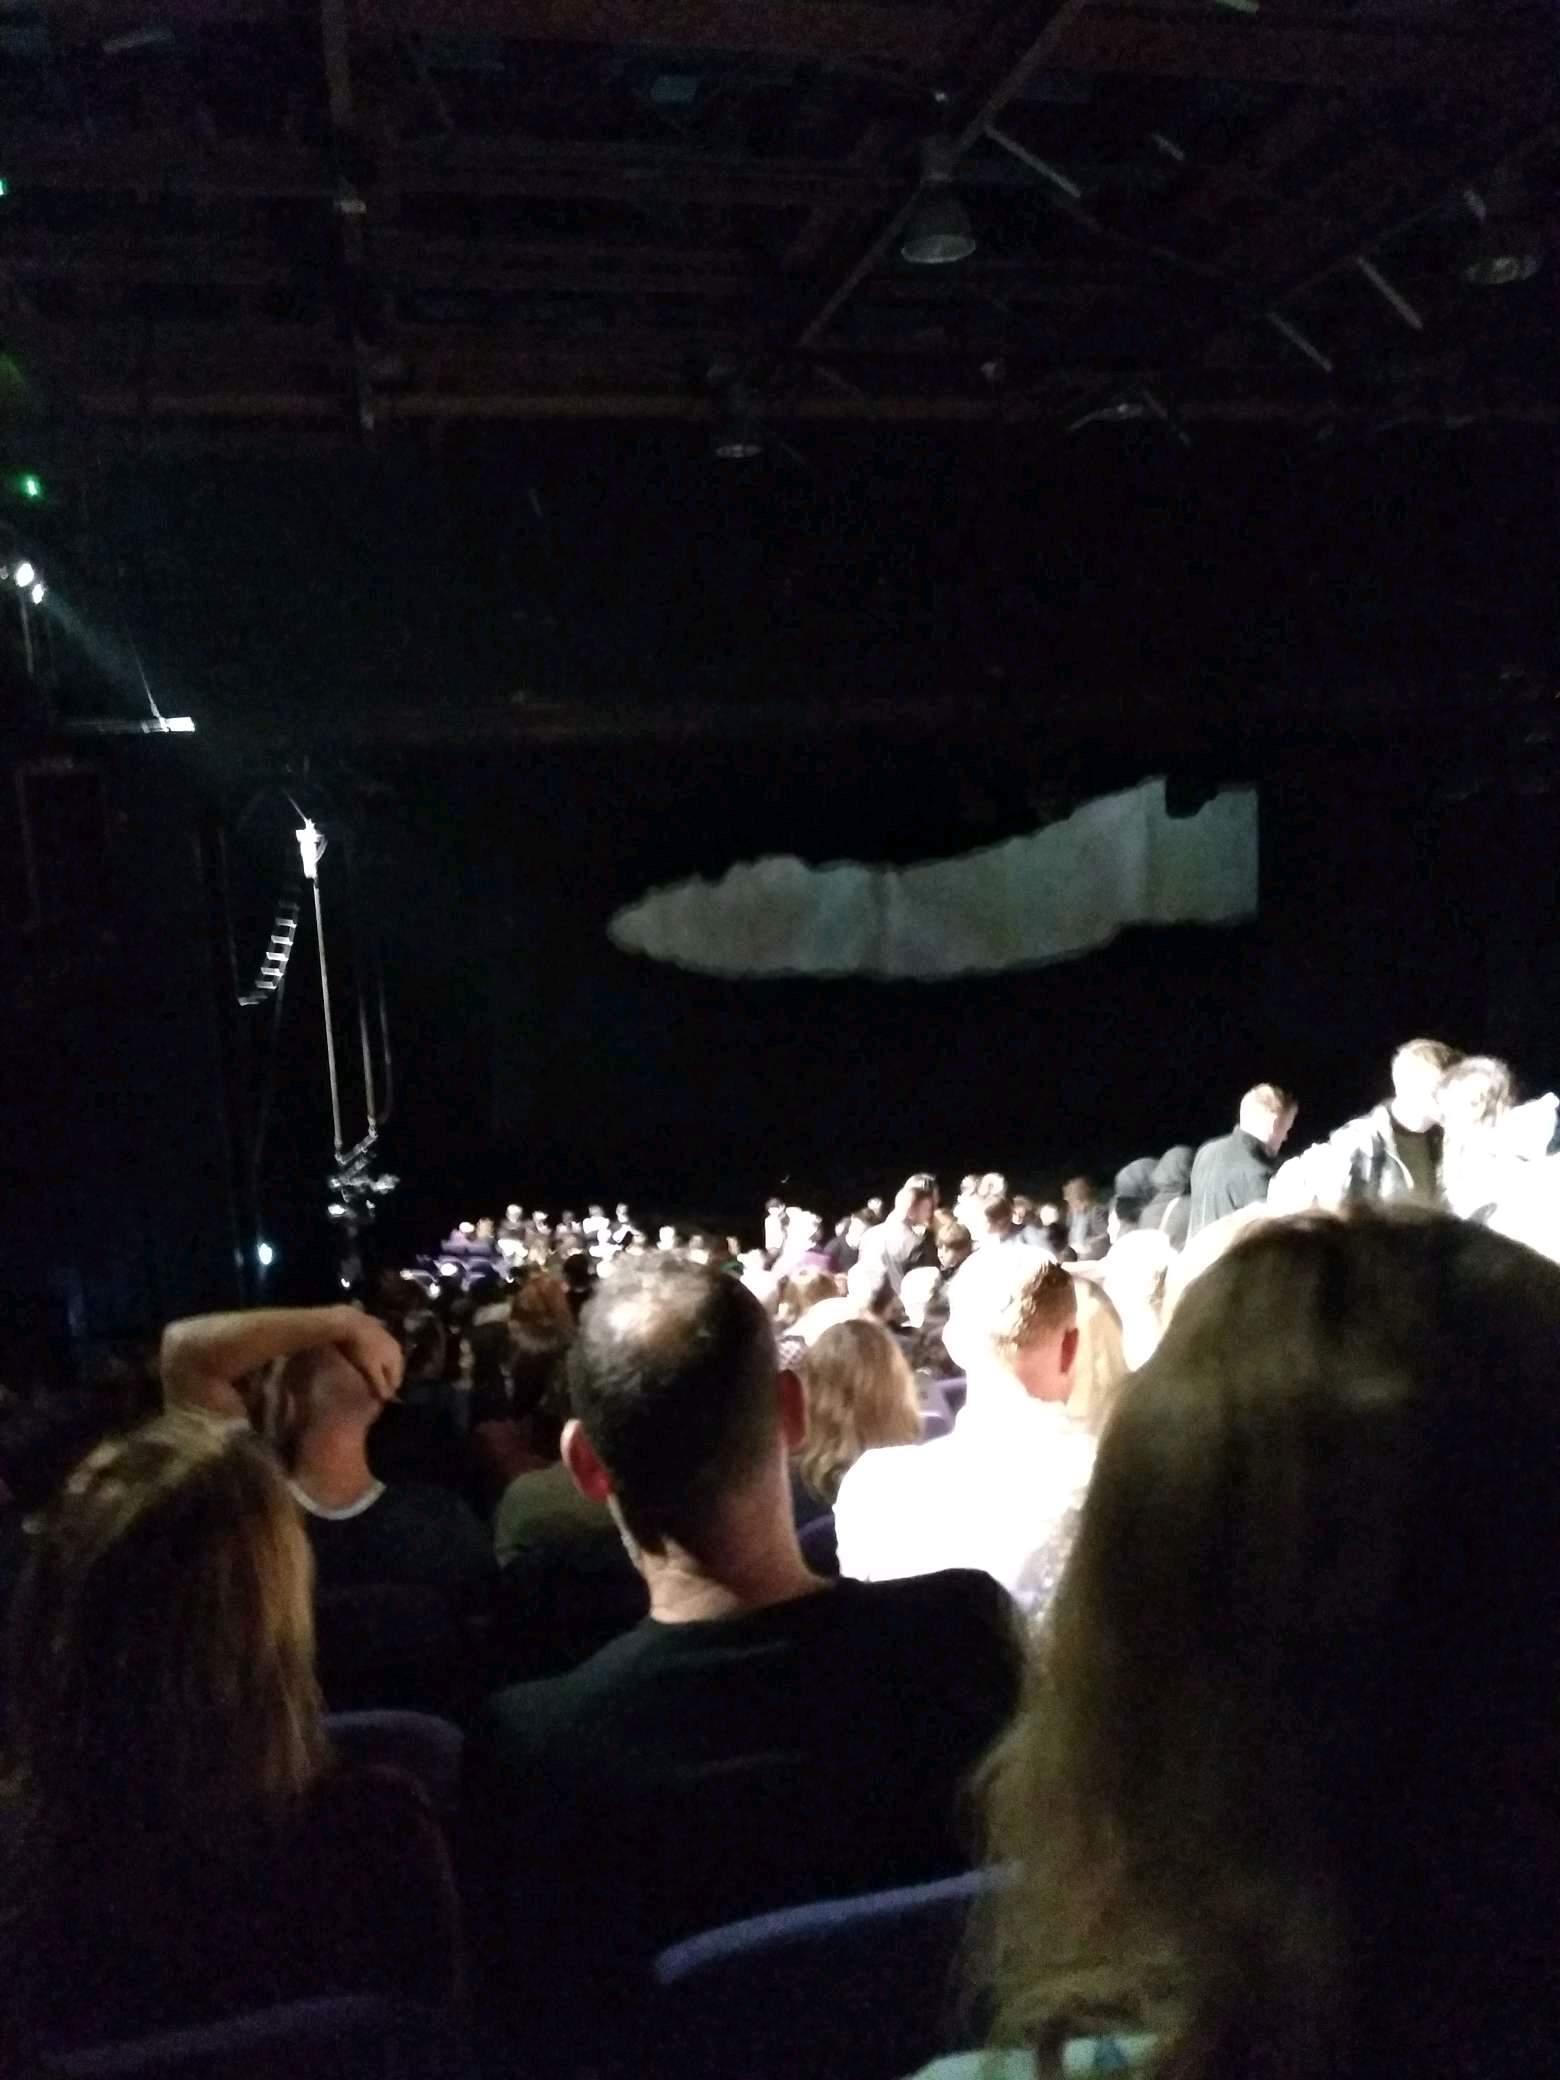 Troubadour Wembley Park Theatre Row ZE Seat 5